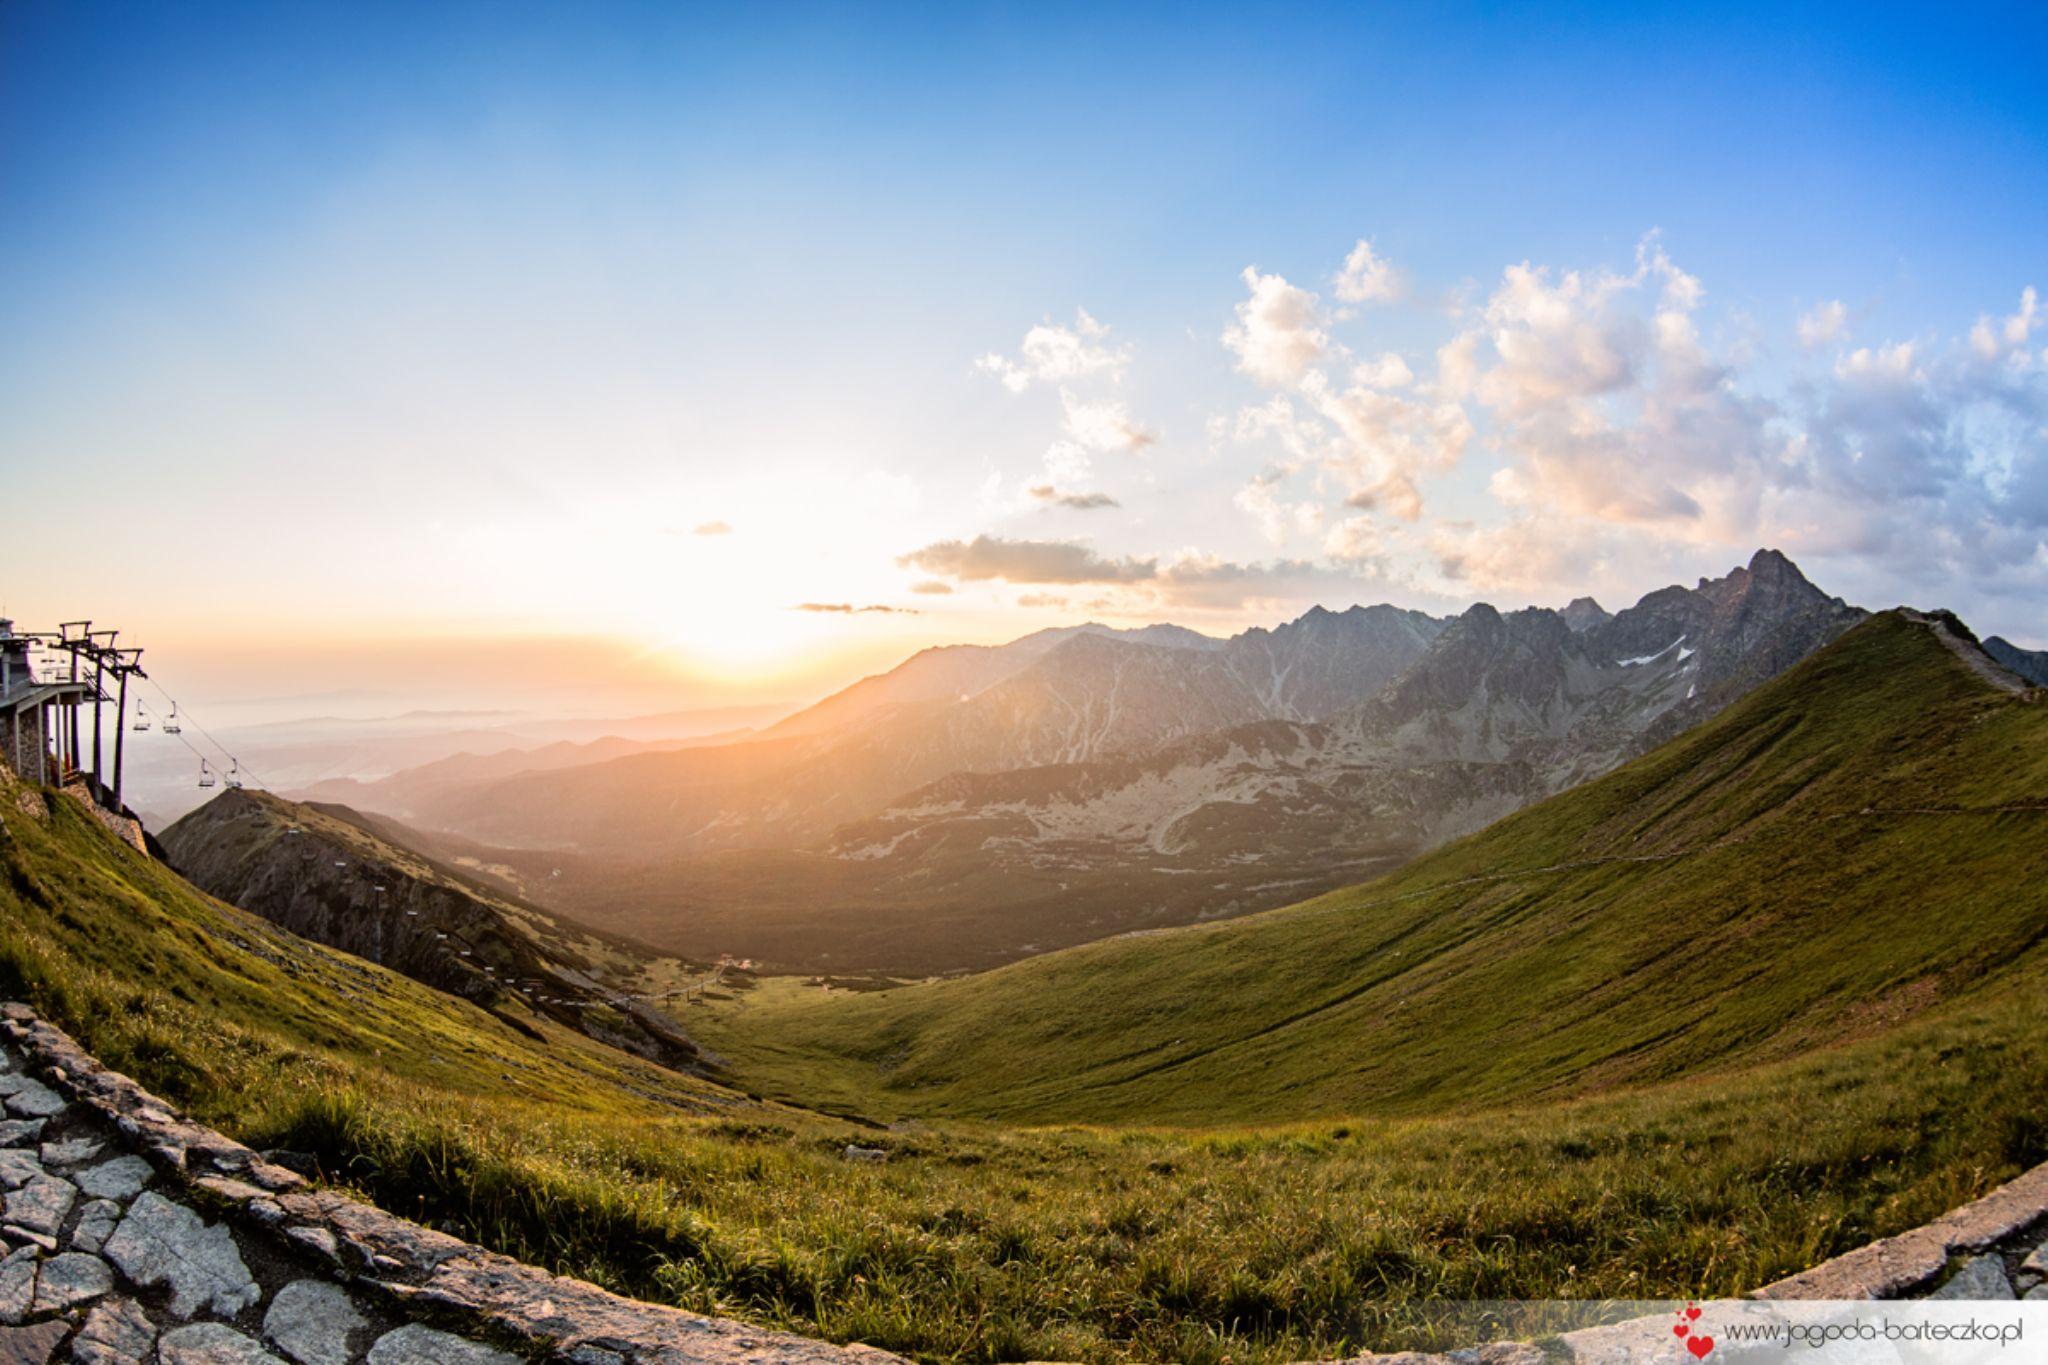 Sunrise in Zakopane by Jagoda Barteczko